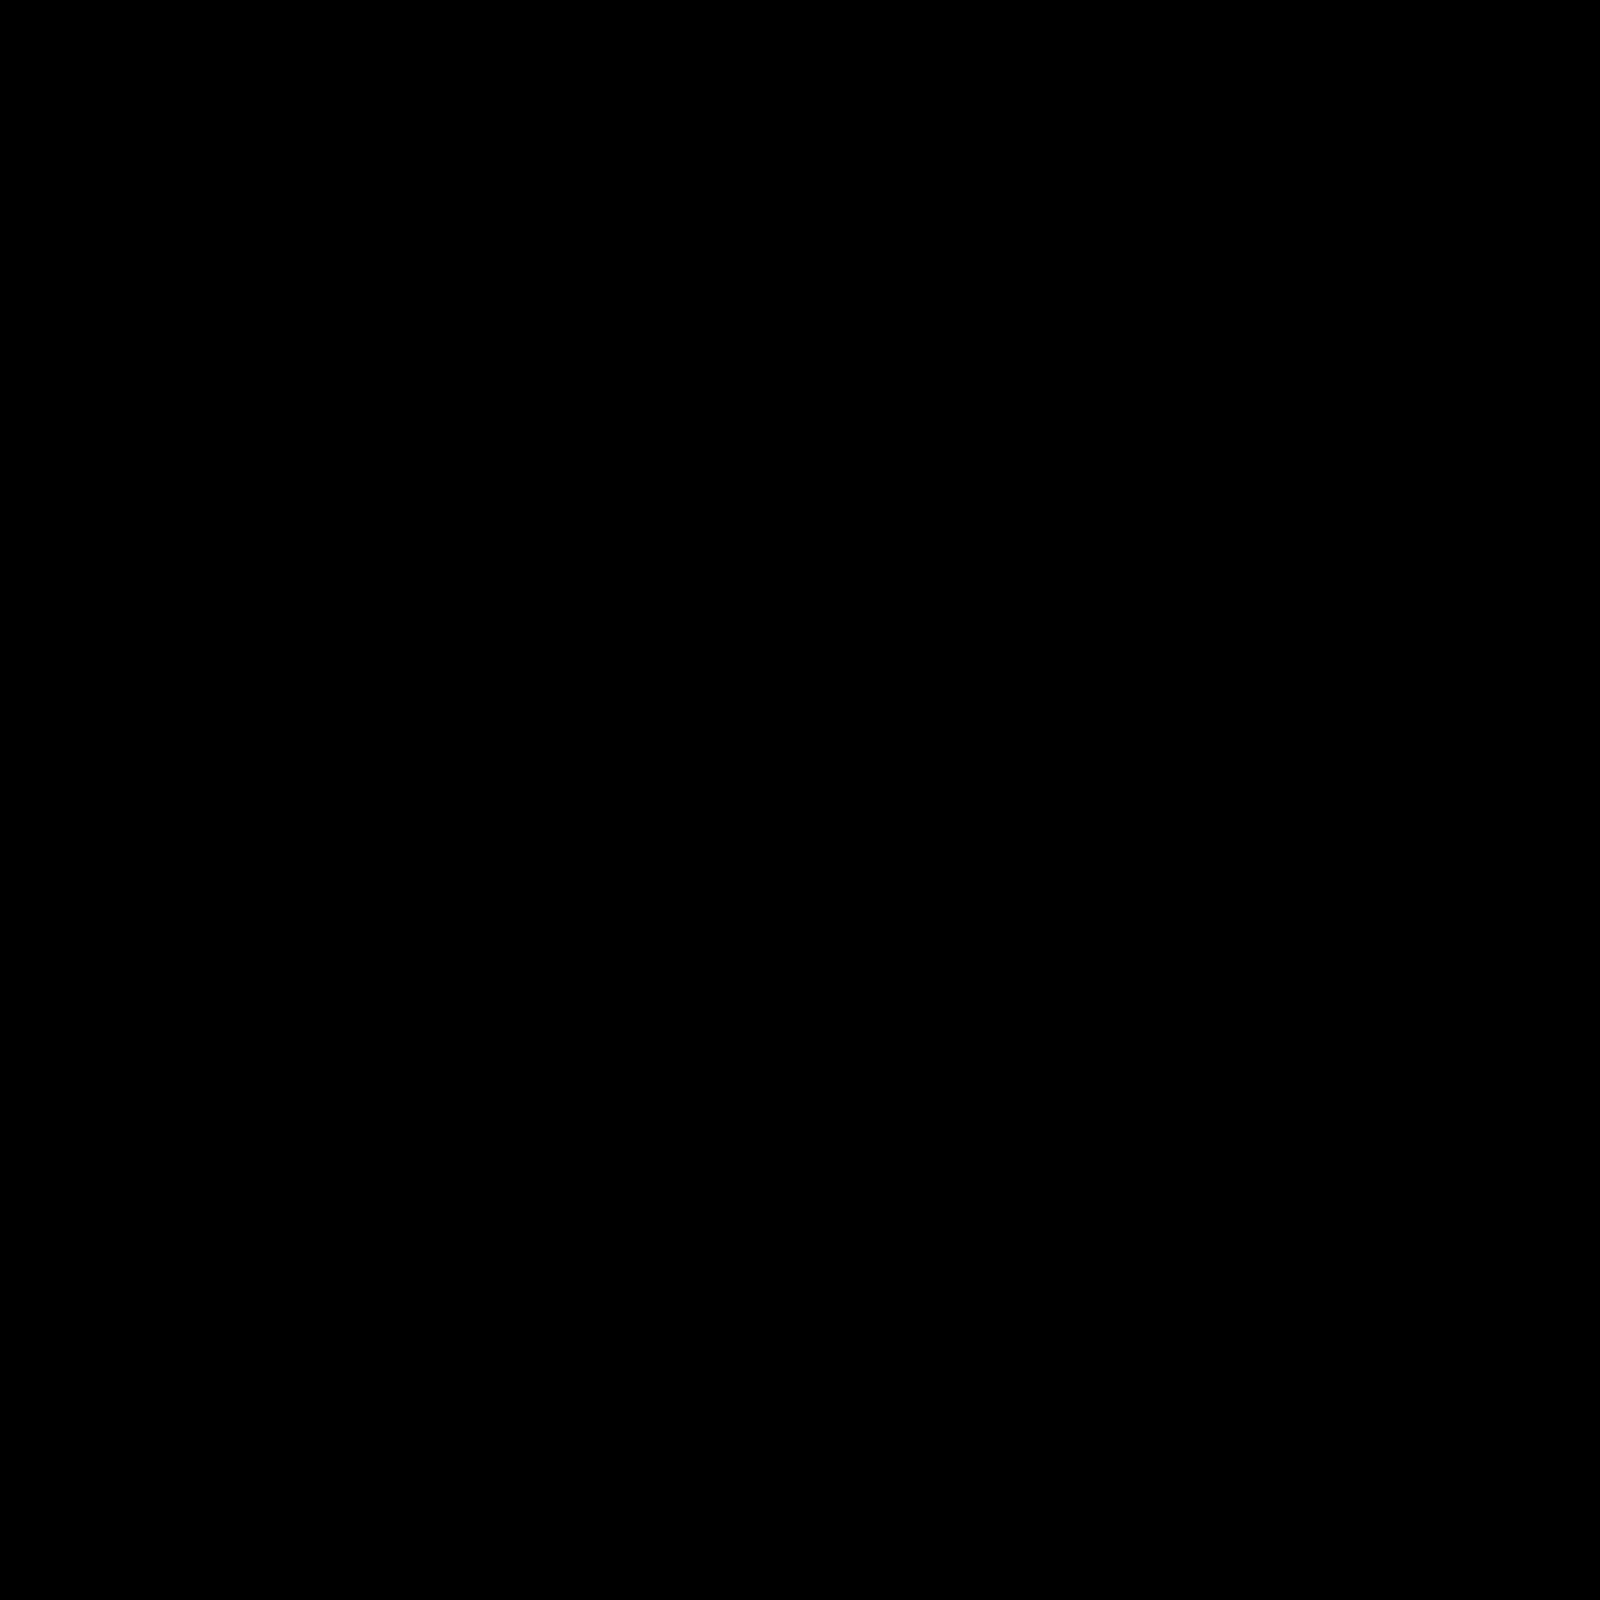 Megaphone Computer Icons Clip art.